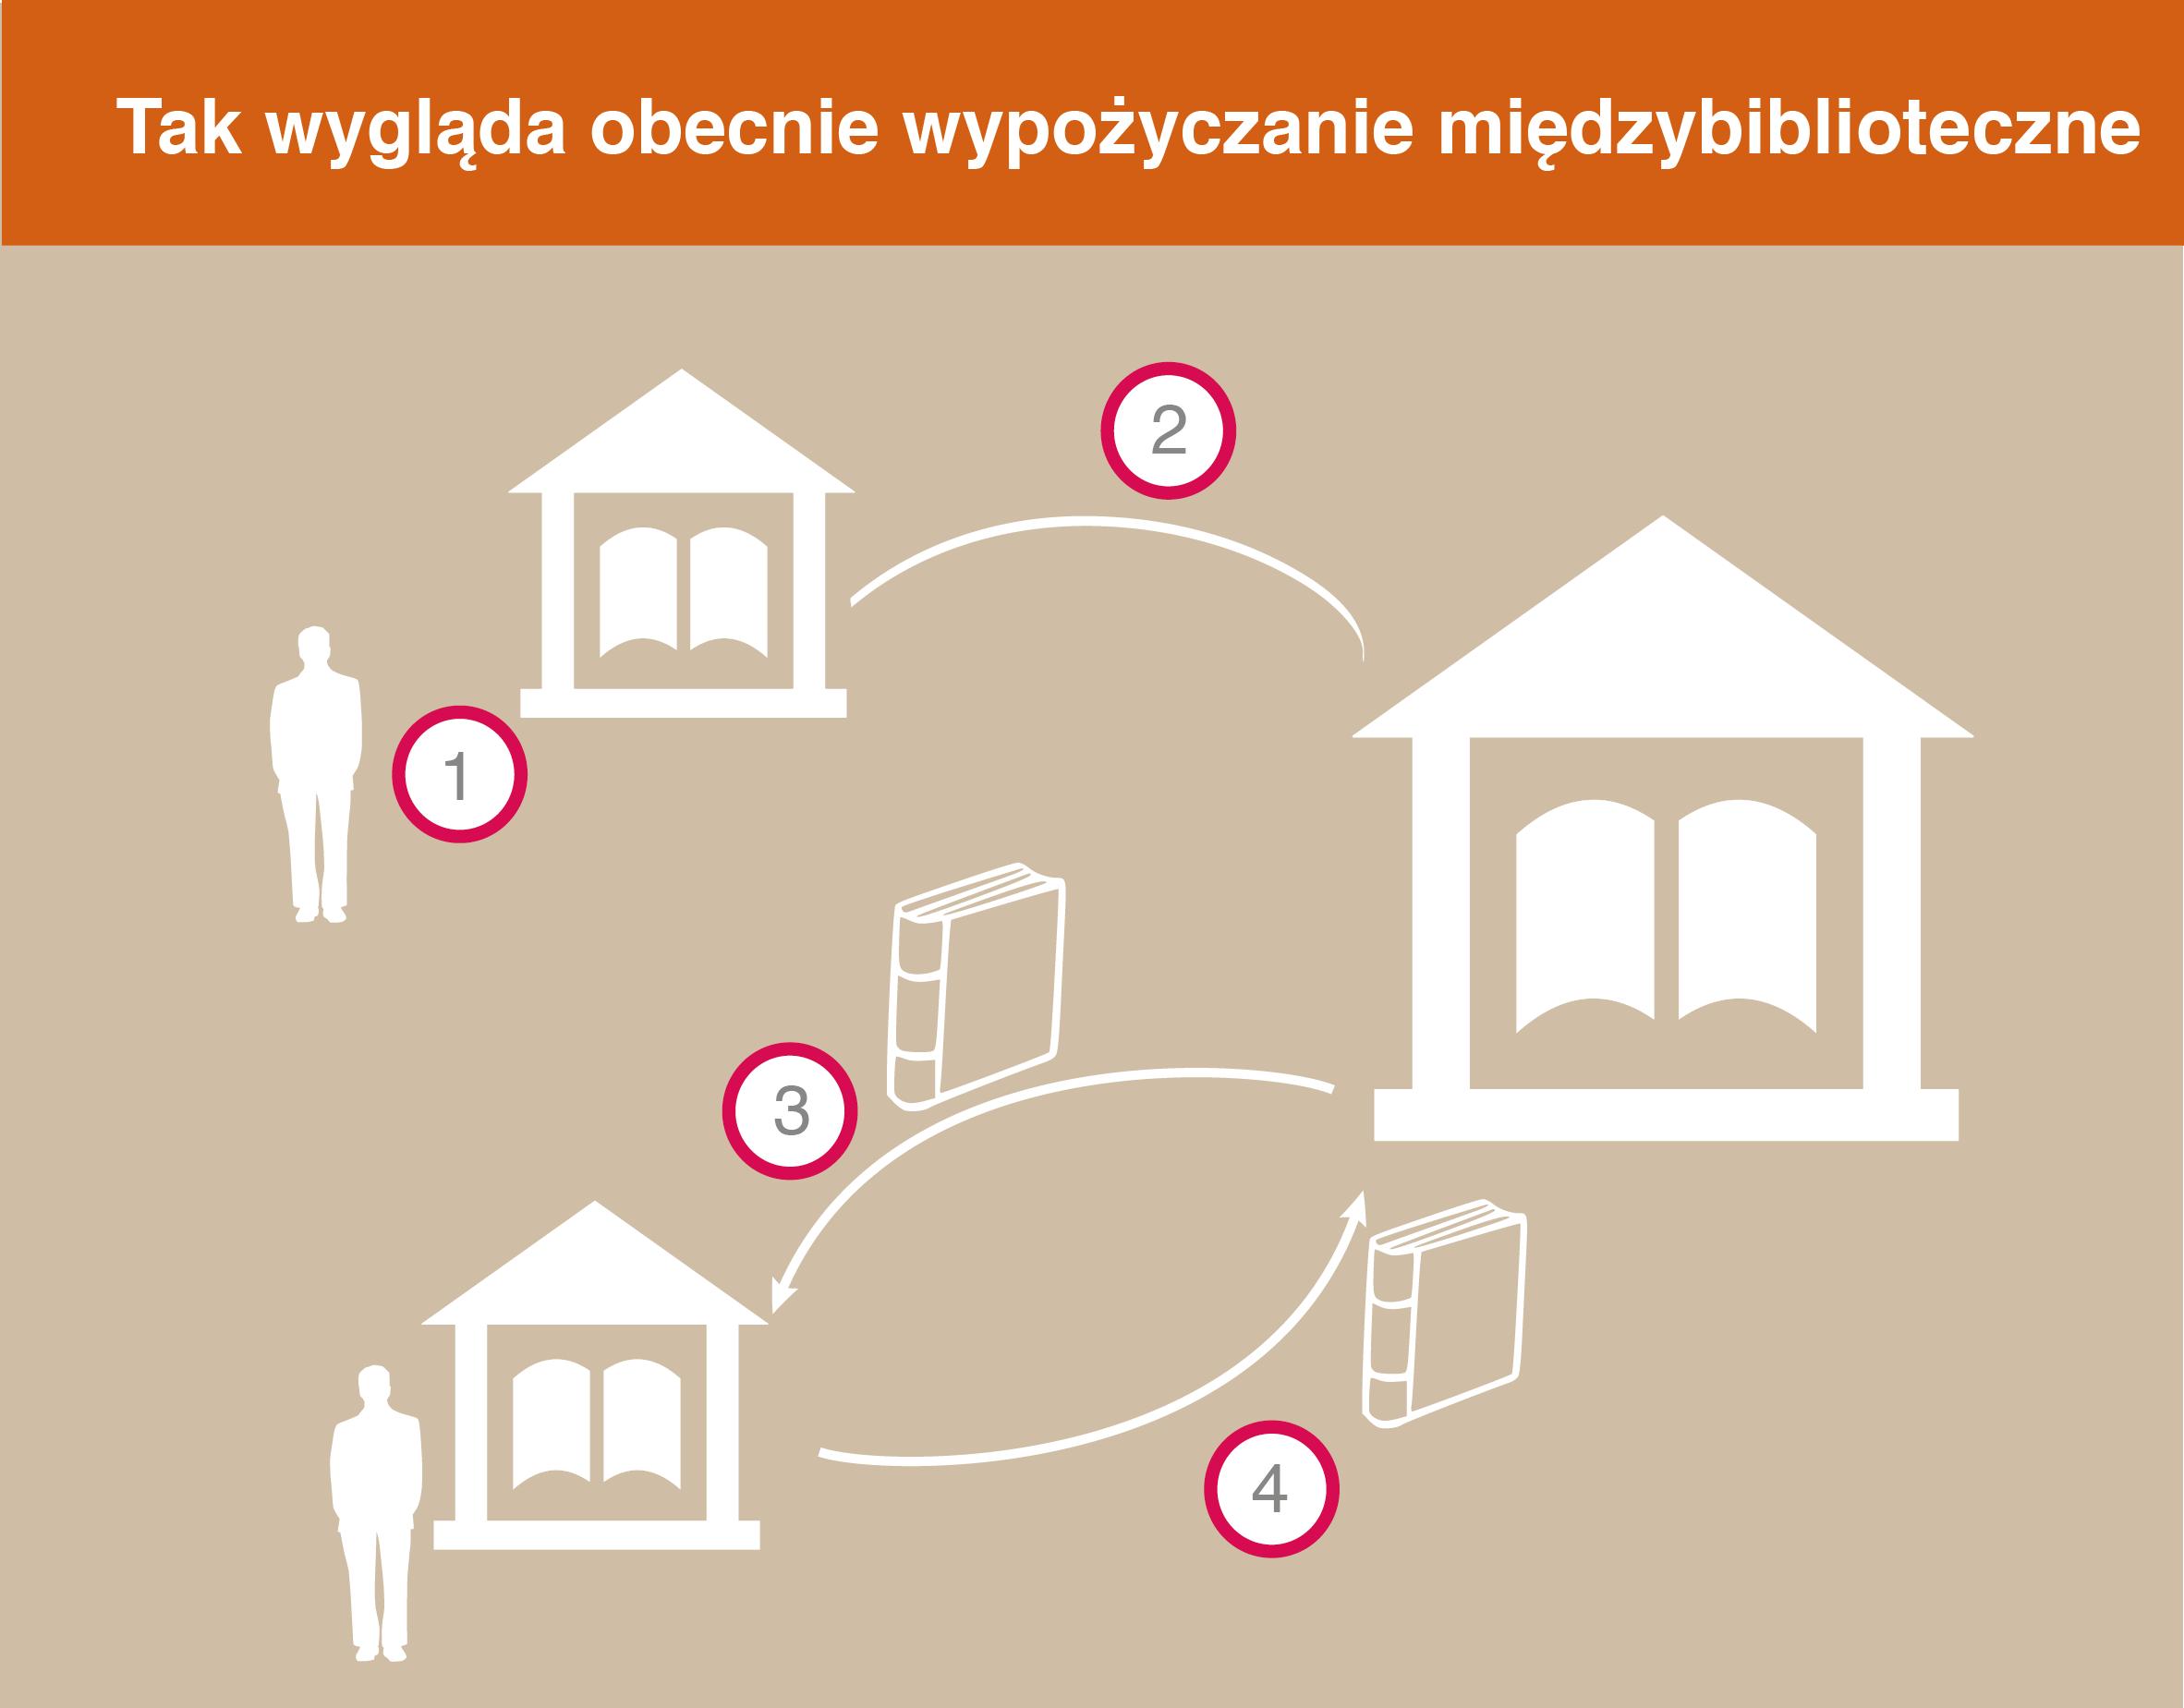 academica-schemat1